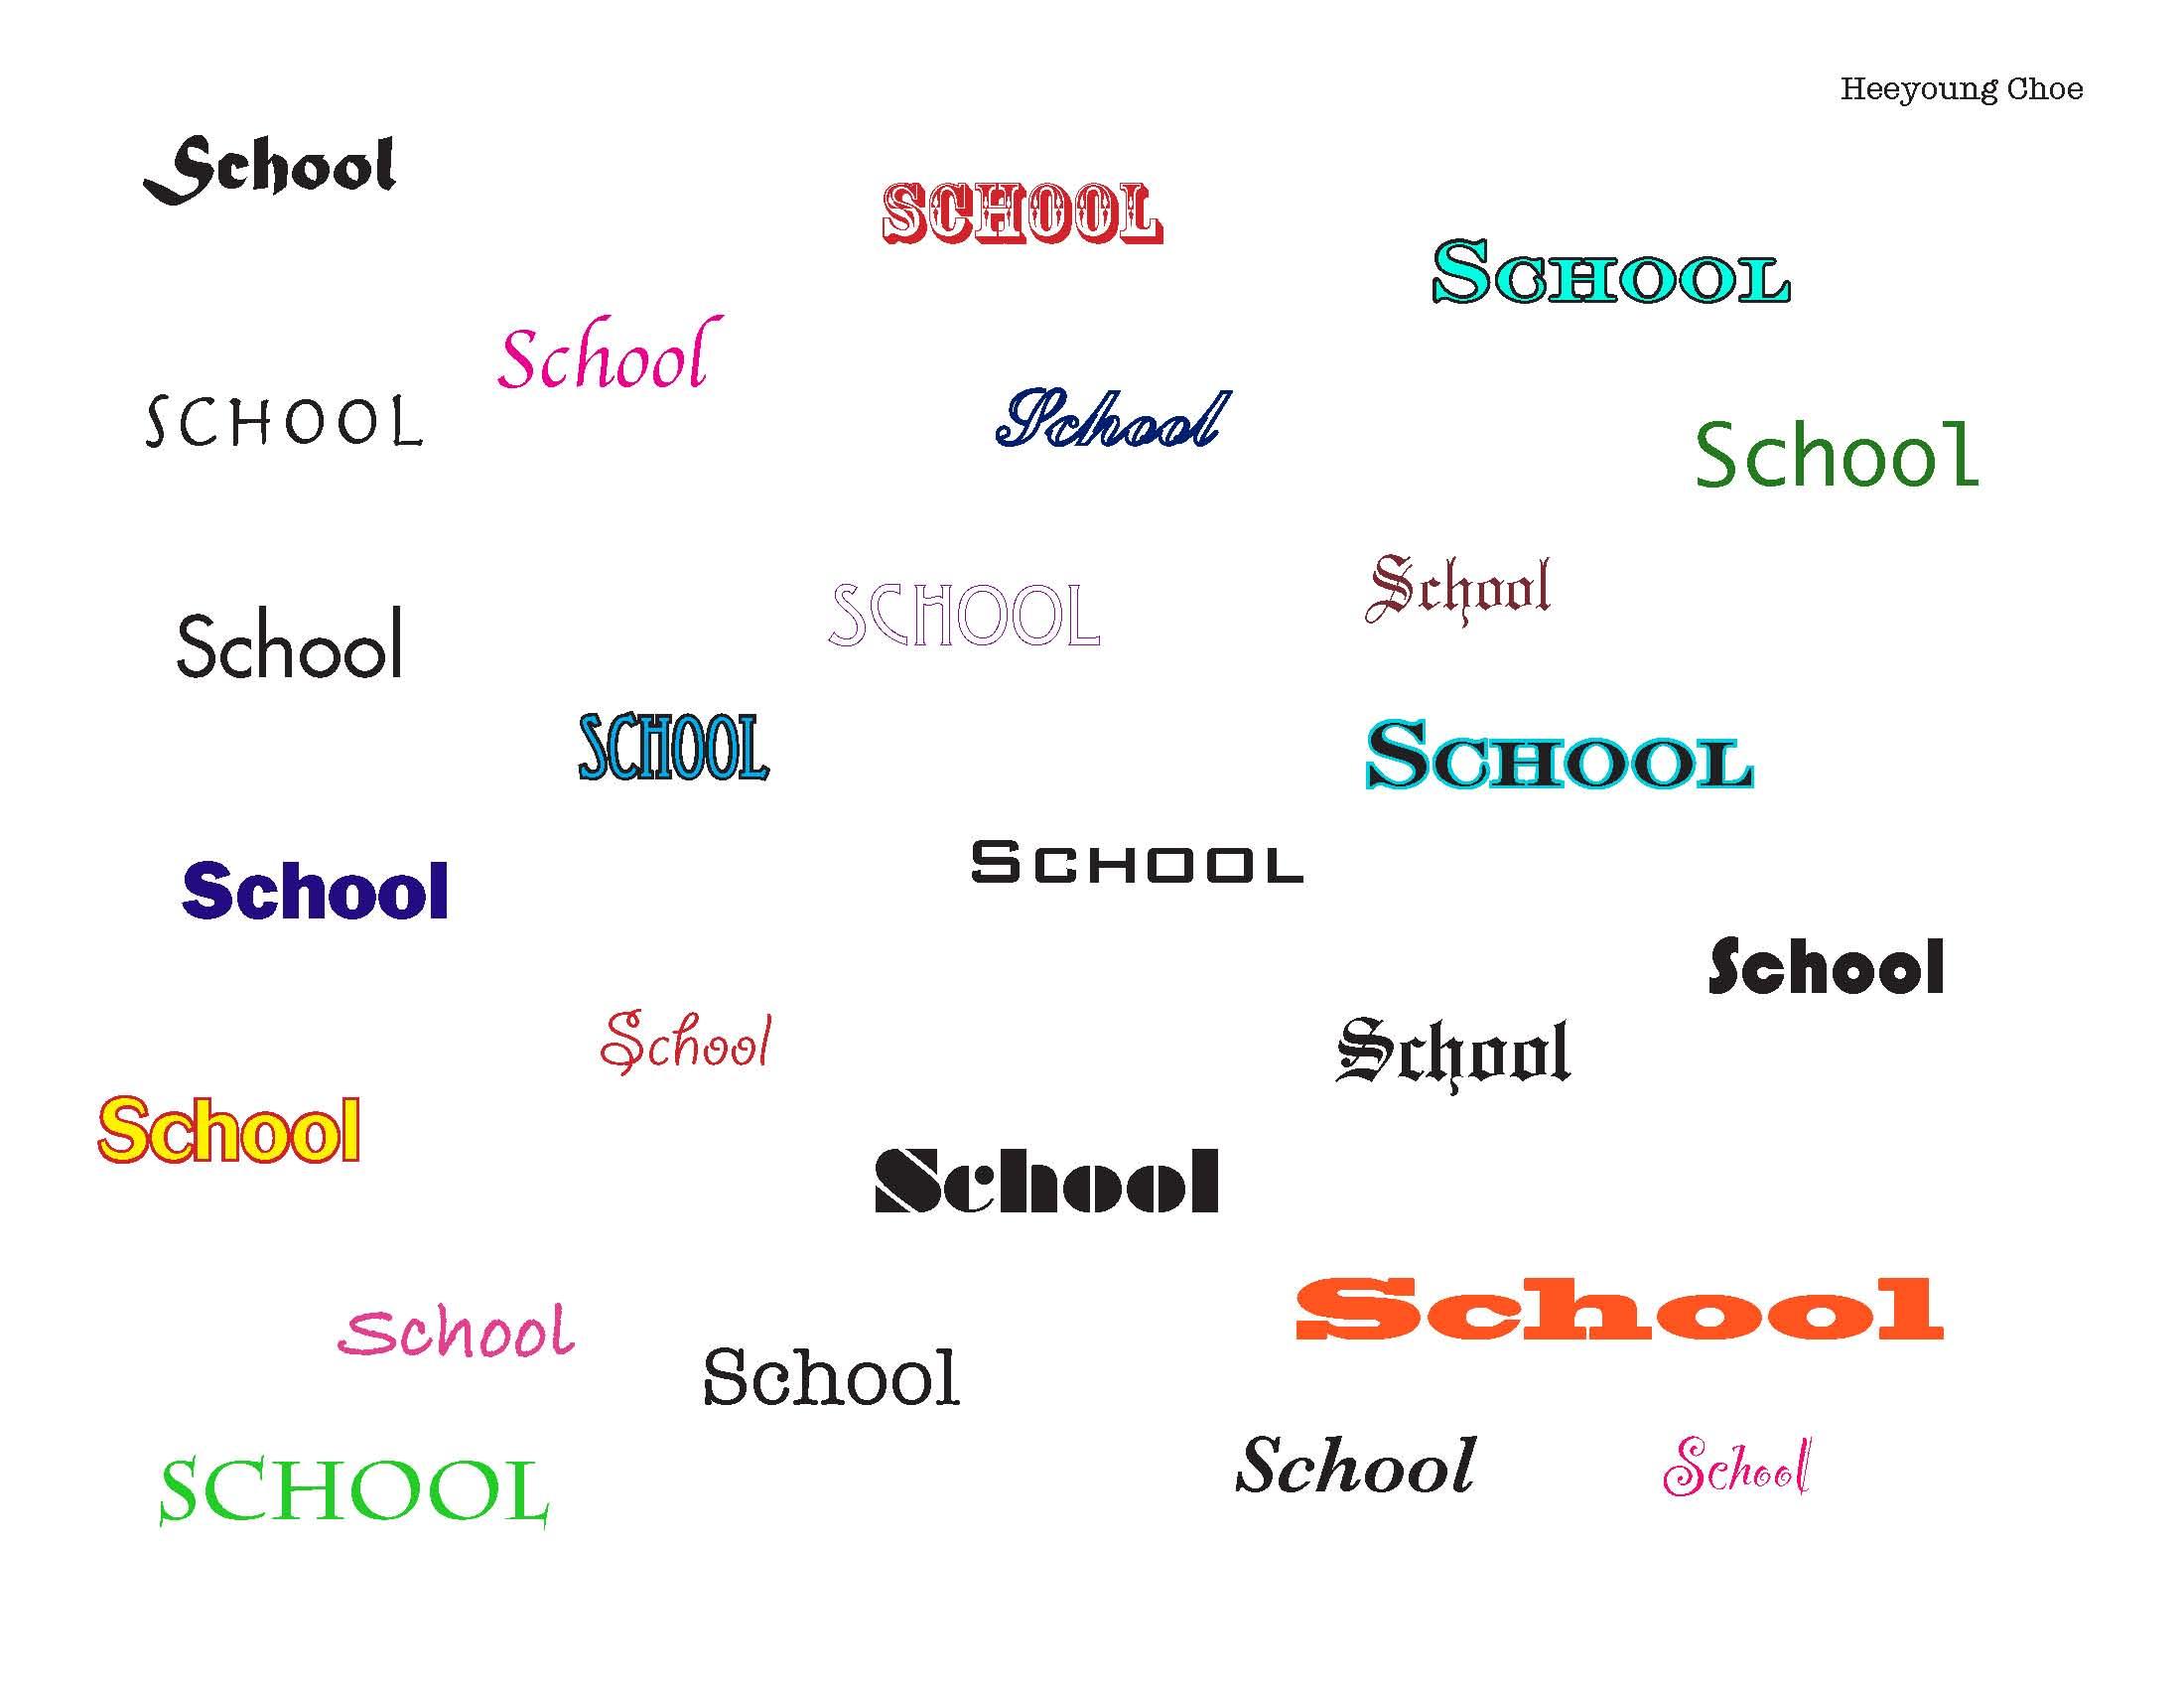 Images 1423860879 tools font a1heeyoung font1